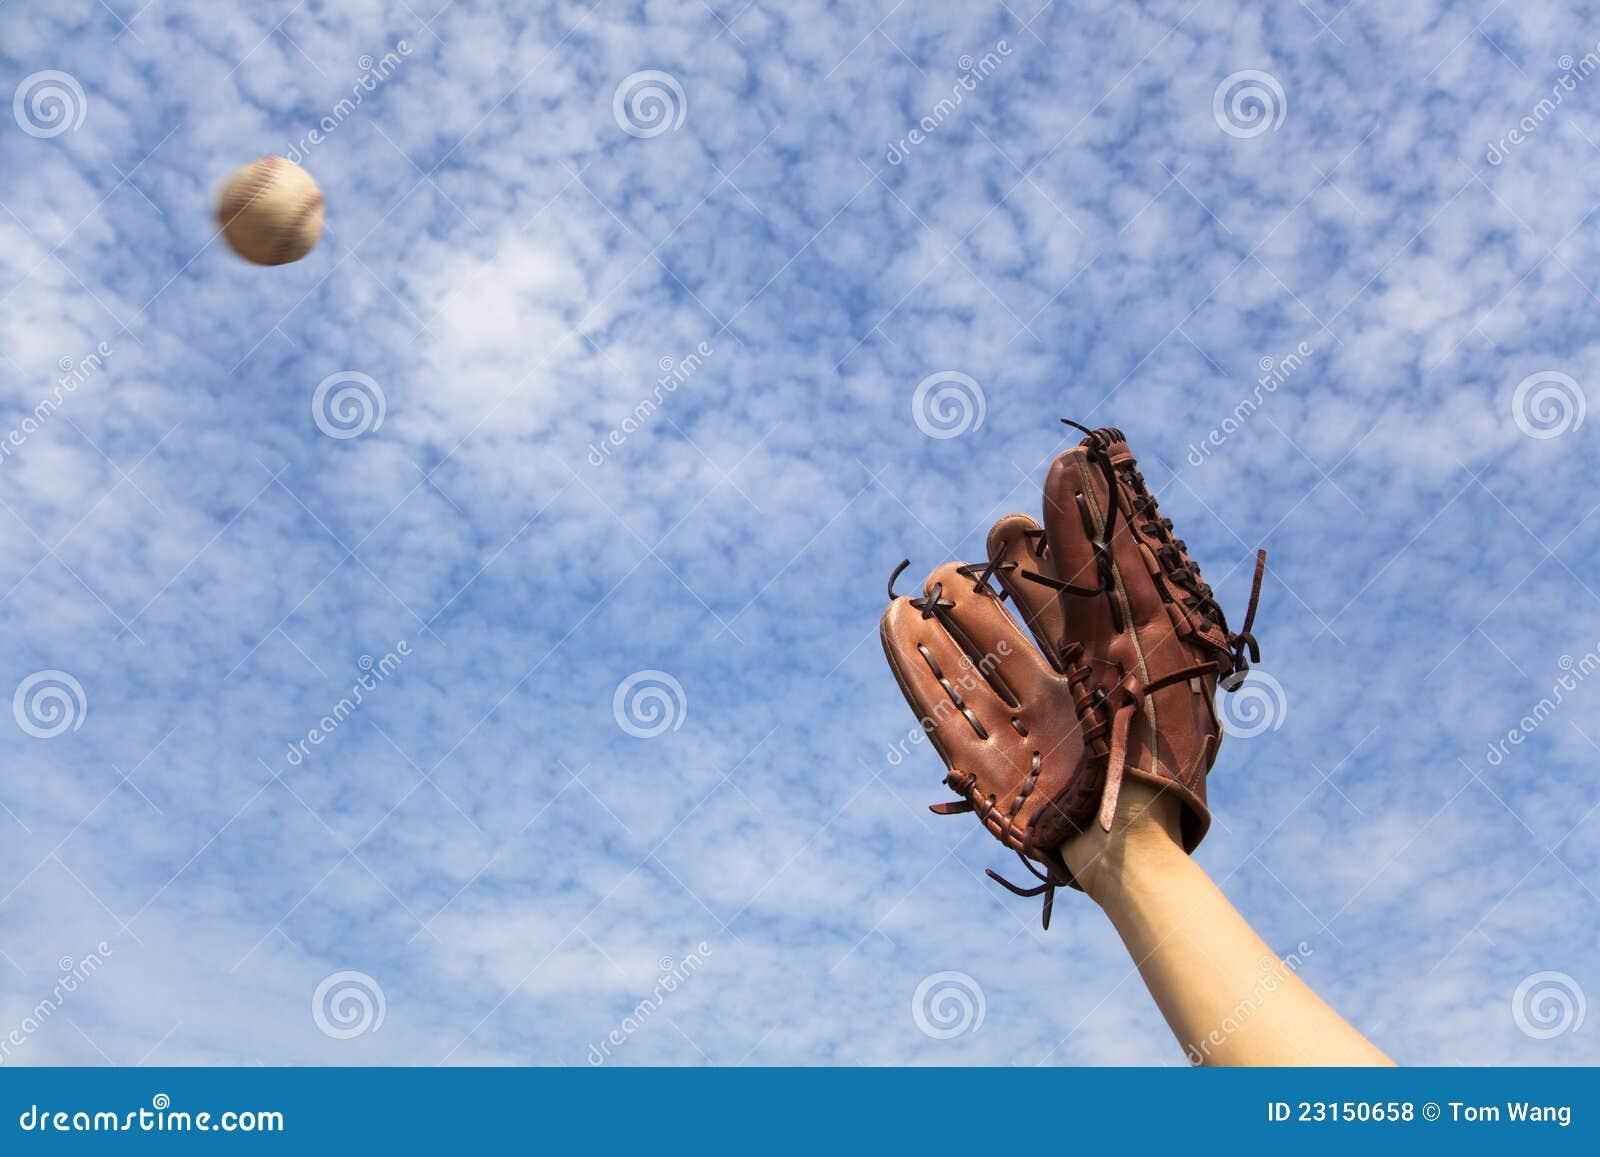 Le gant de base-ball et préparent à attraper